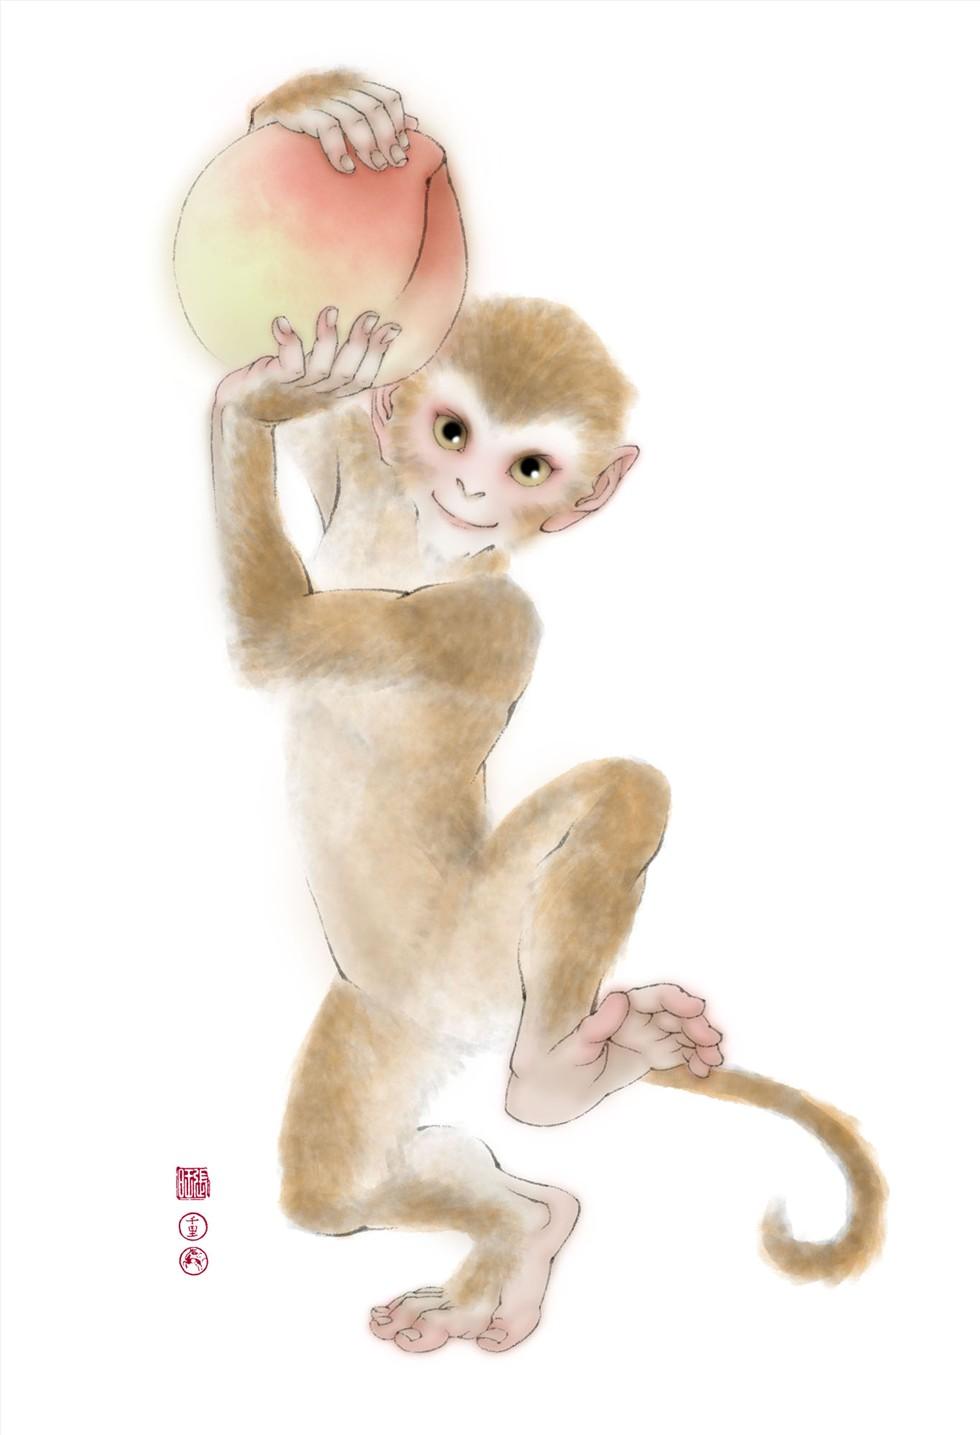 狗年大吉 剪贴画-祝贺大家猴年大吉